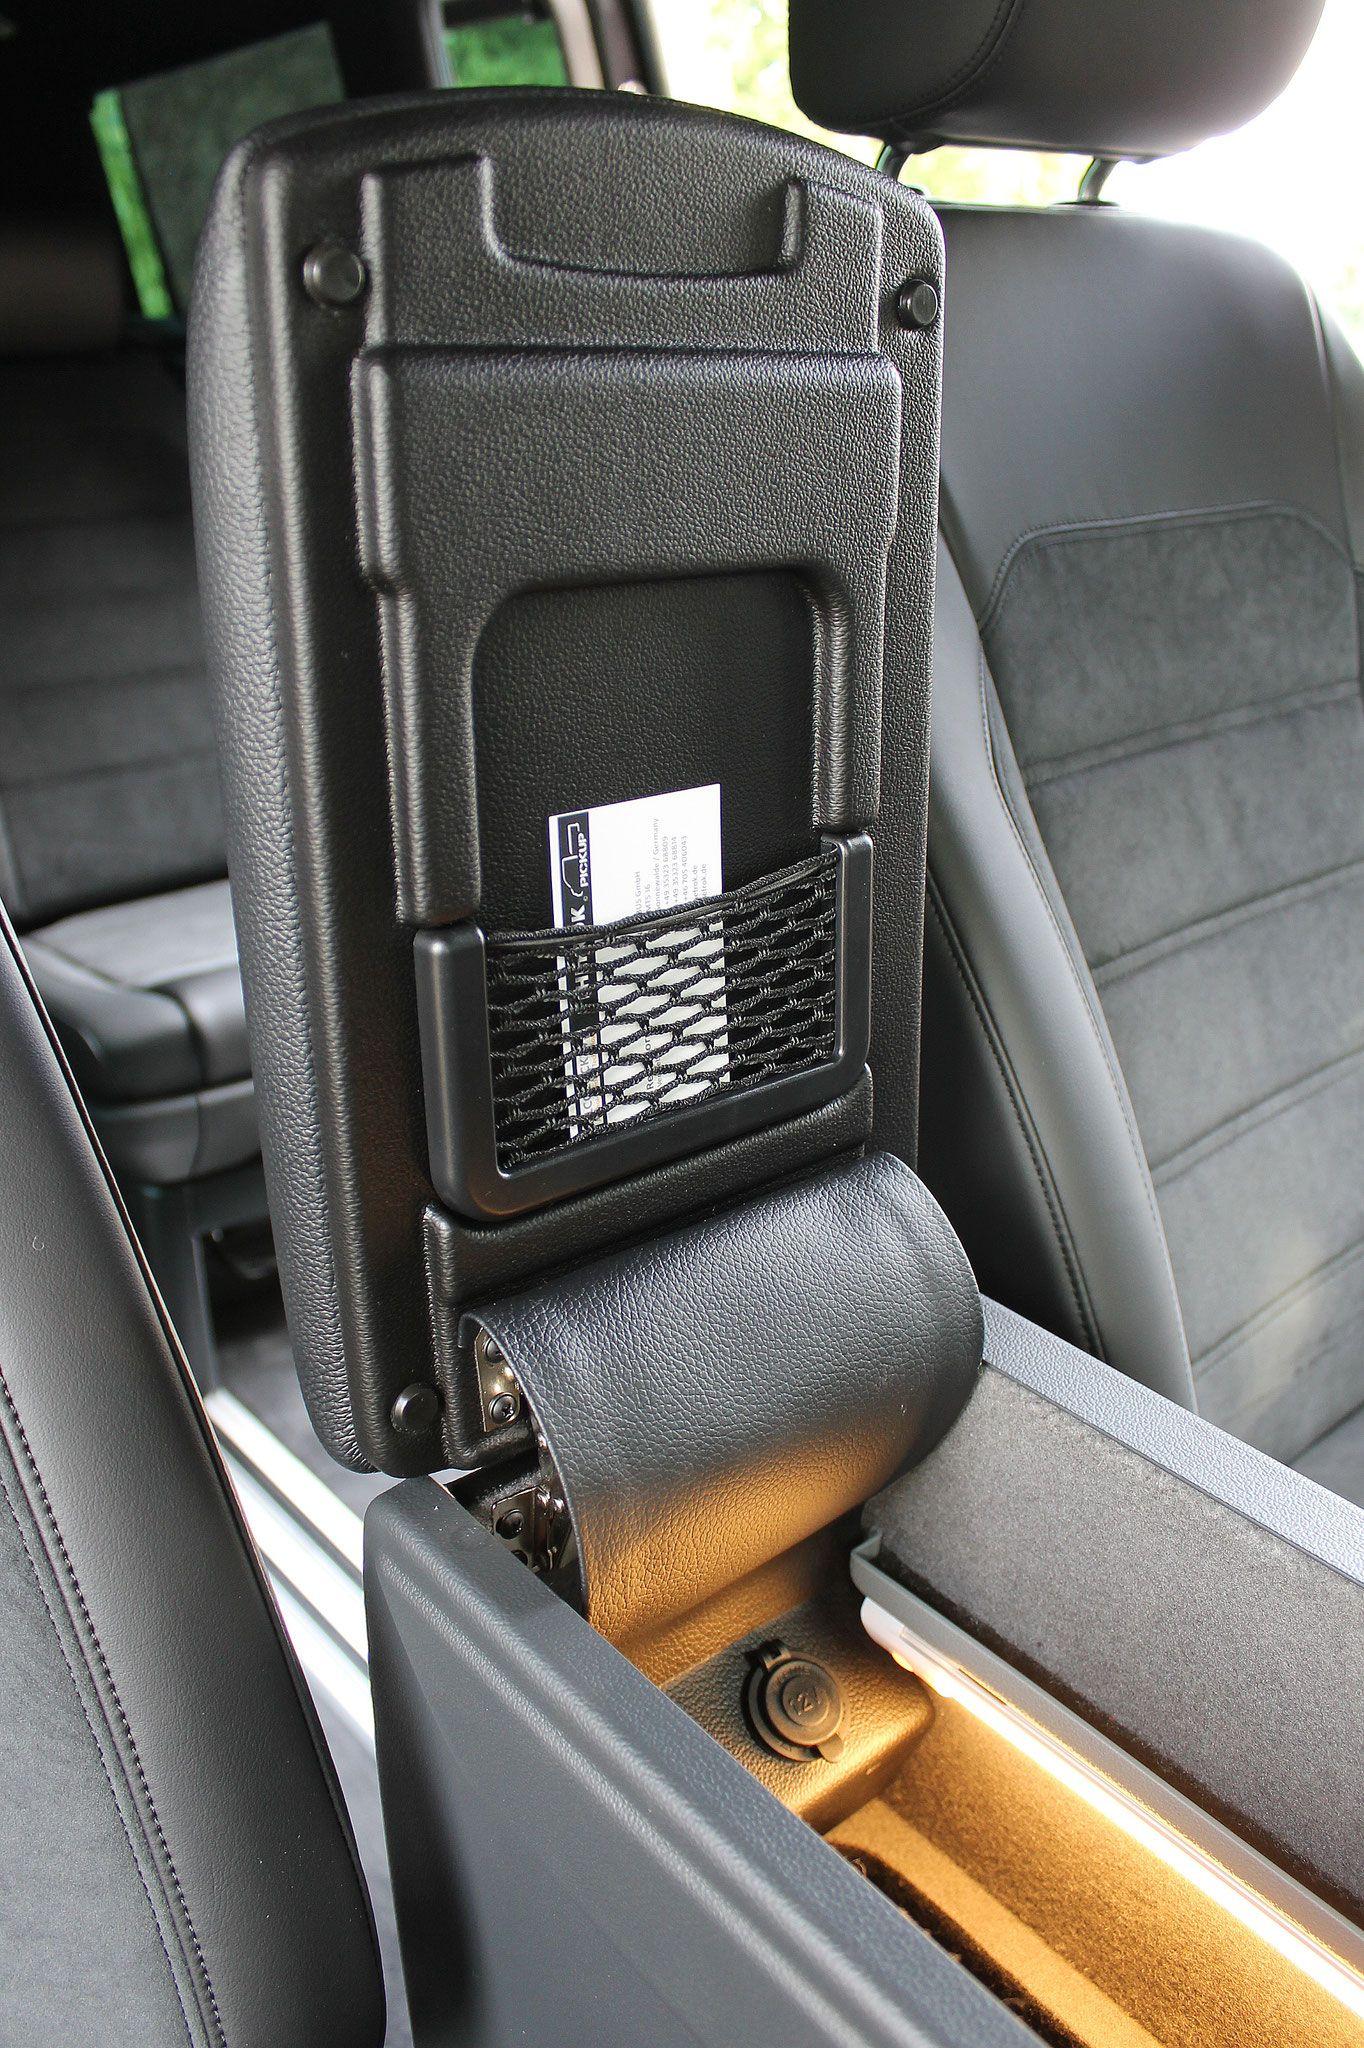 t6 mittelkonsole komfort vw t5 6 thefrok vw bus. Black Bedroom Furniture Sets. Home Design Ideas